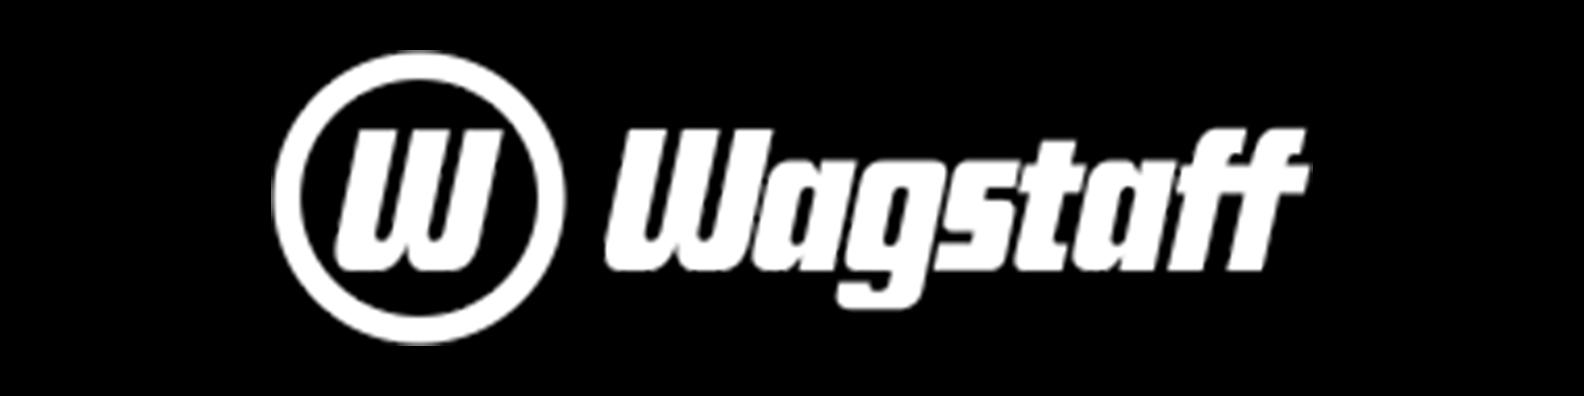 Wagstaff Interiors